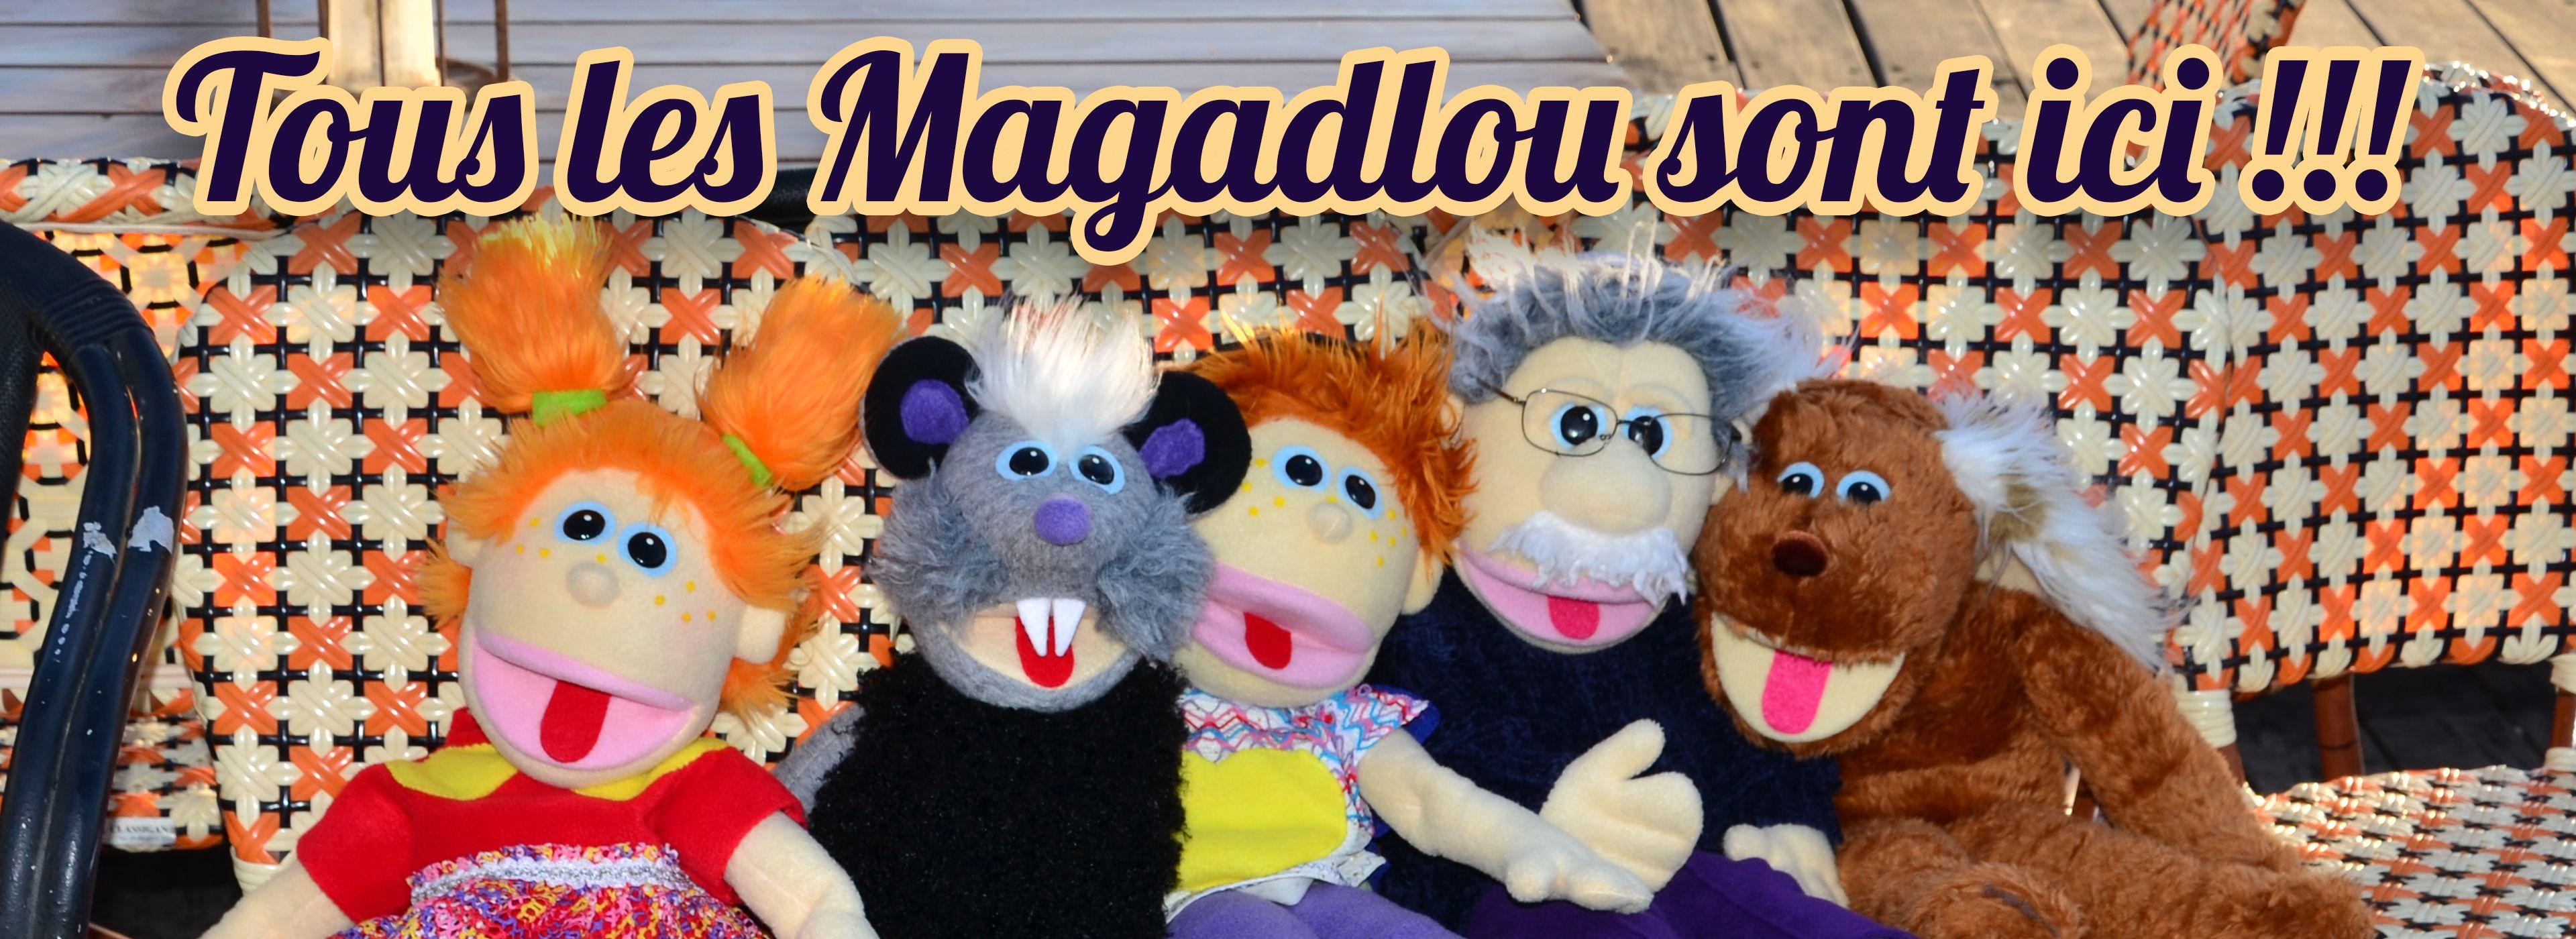 Magadlou